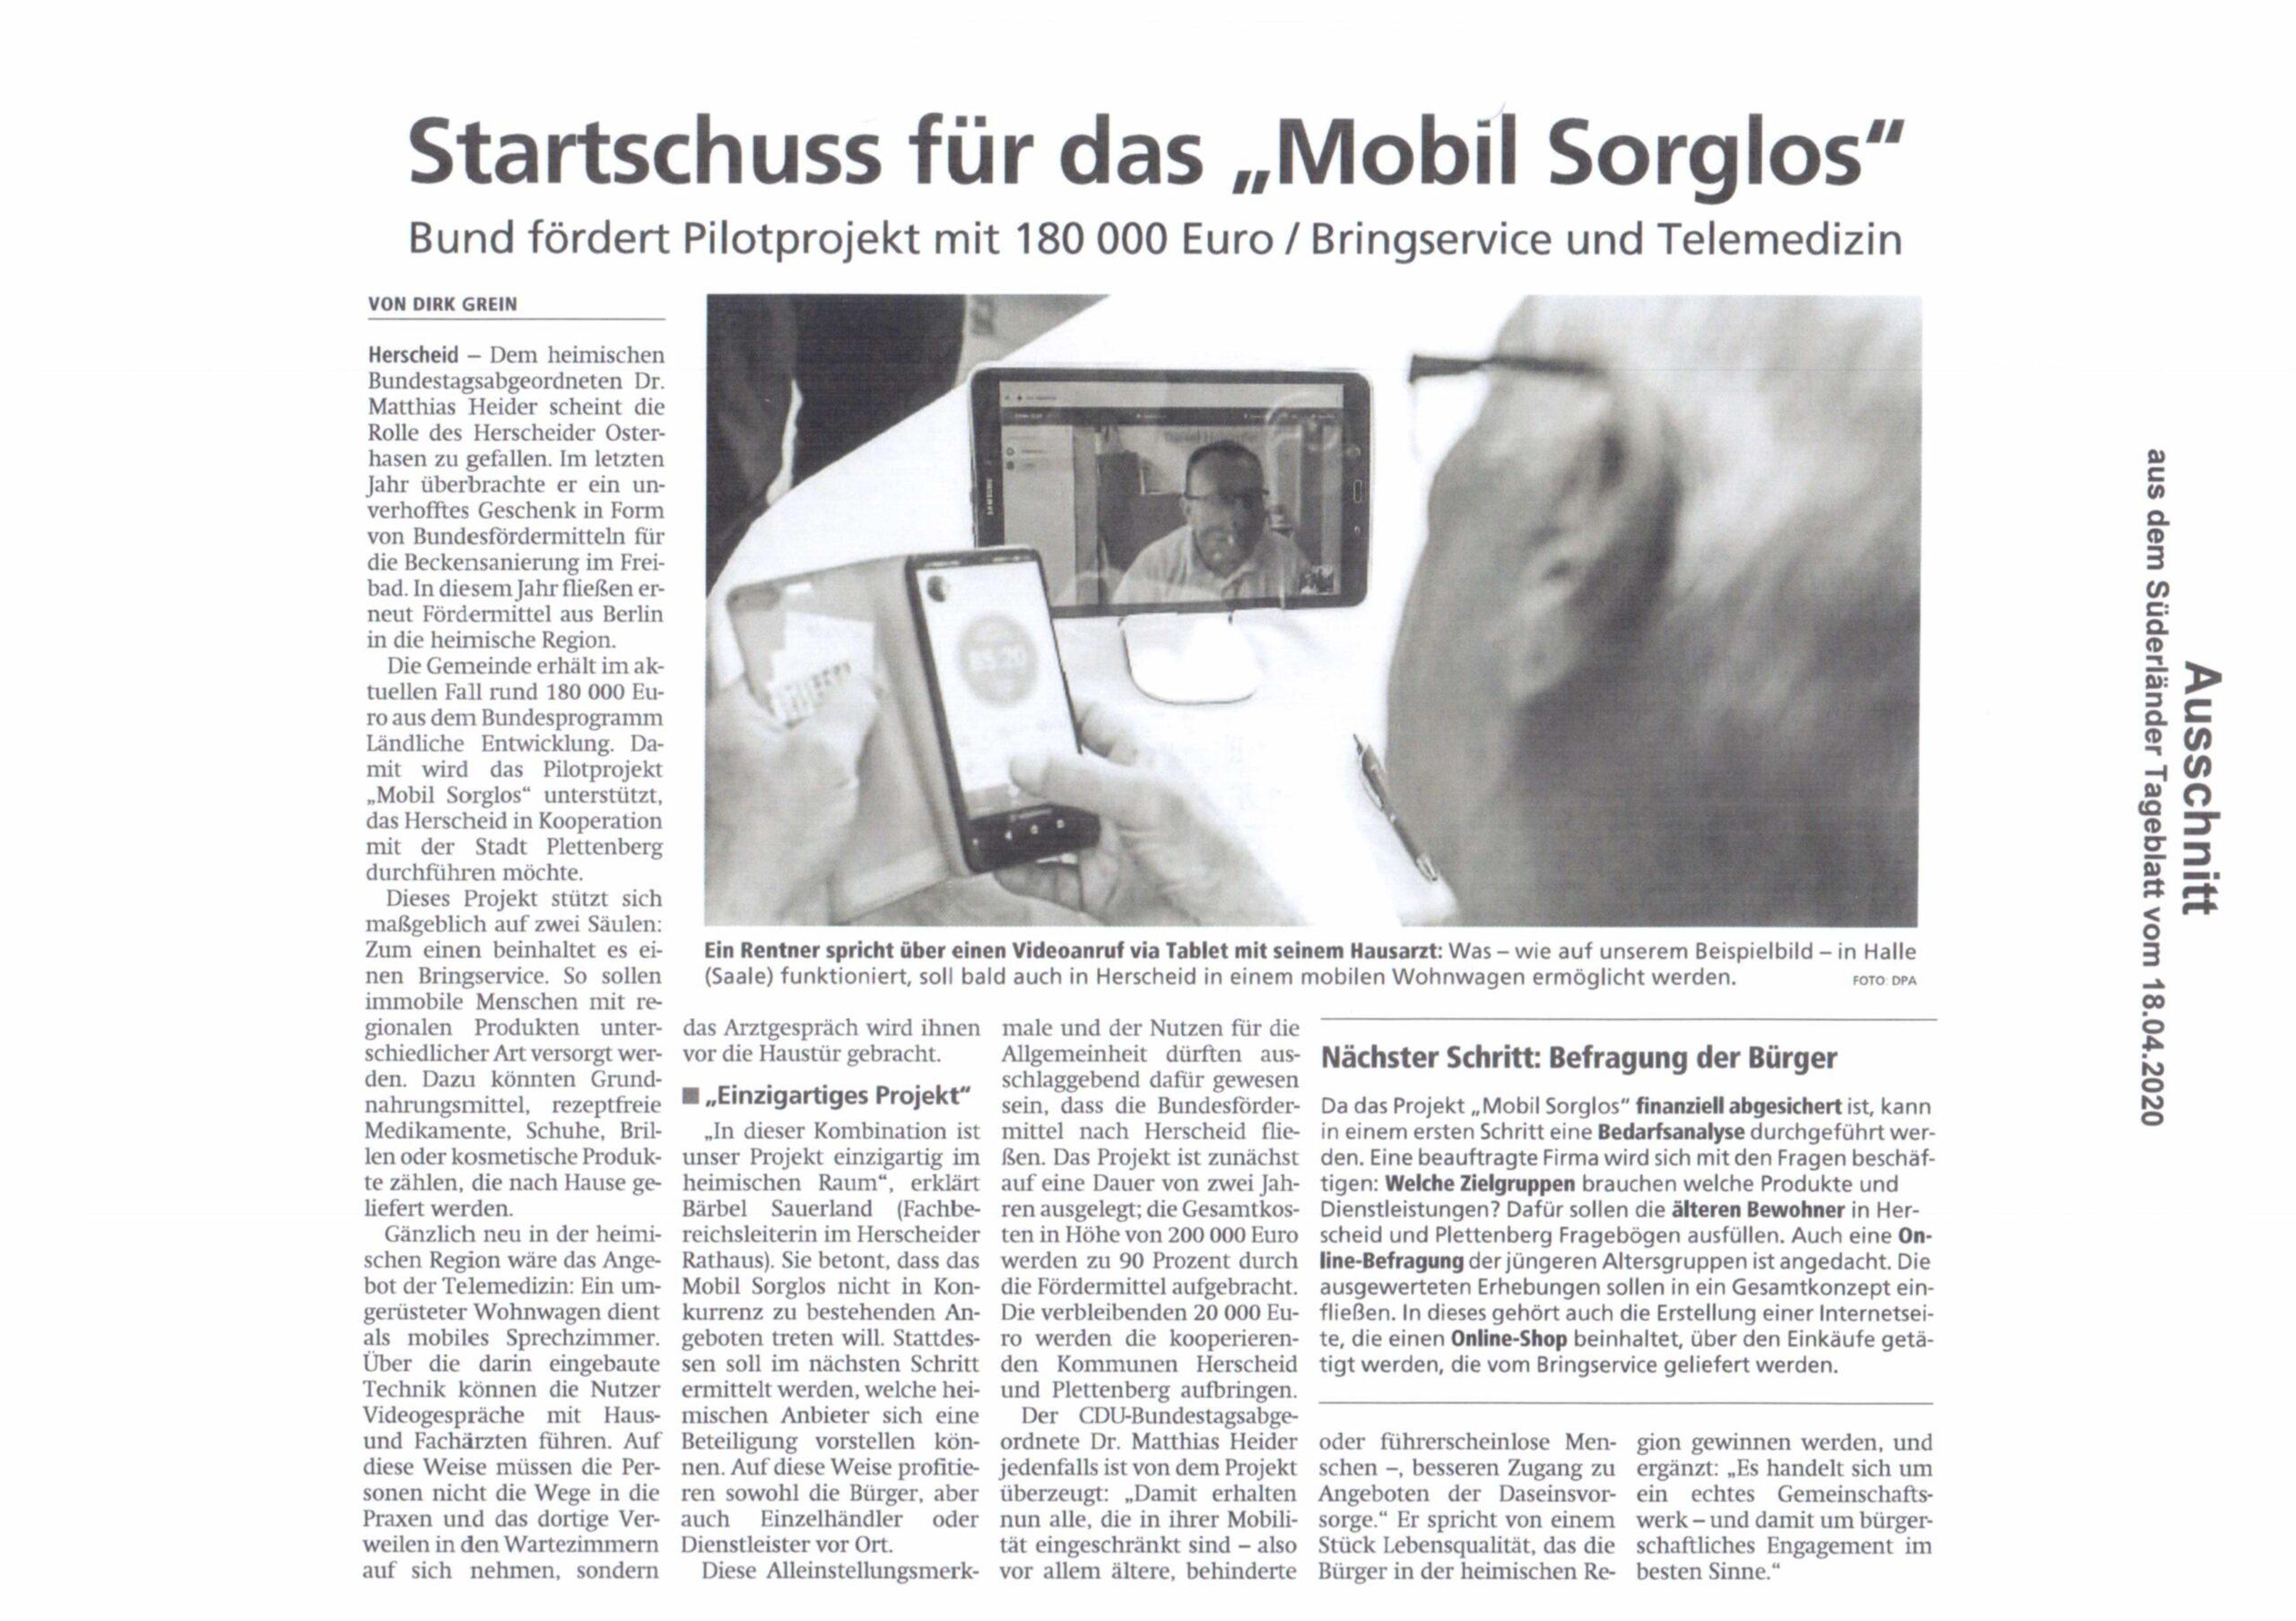 Bild Süderländer Tageblatt Startschuss für MobilSorglos